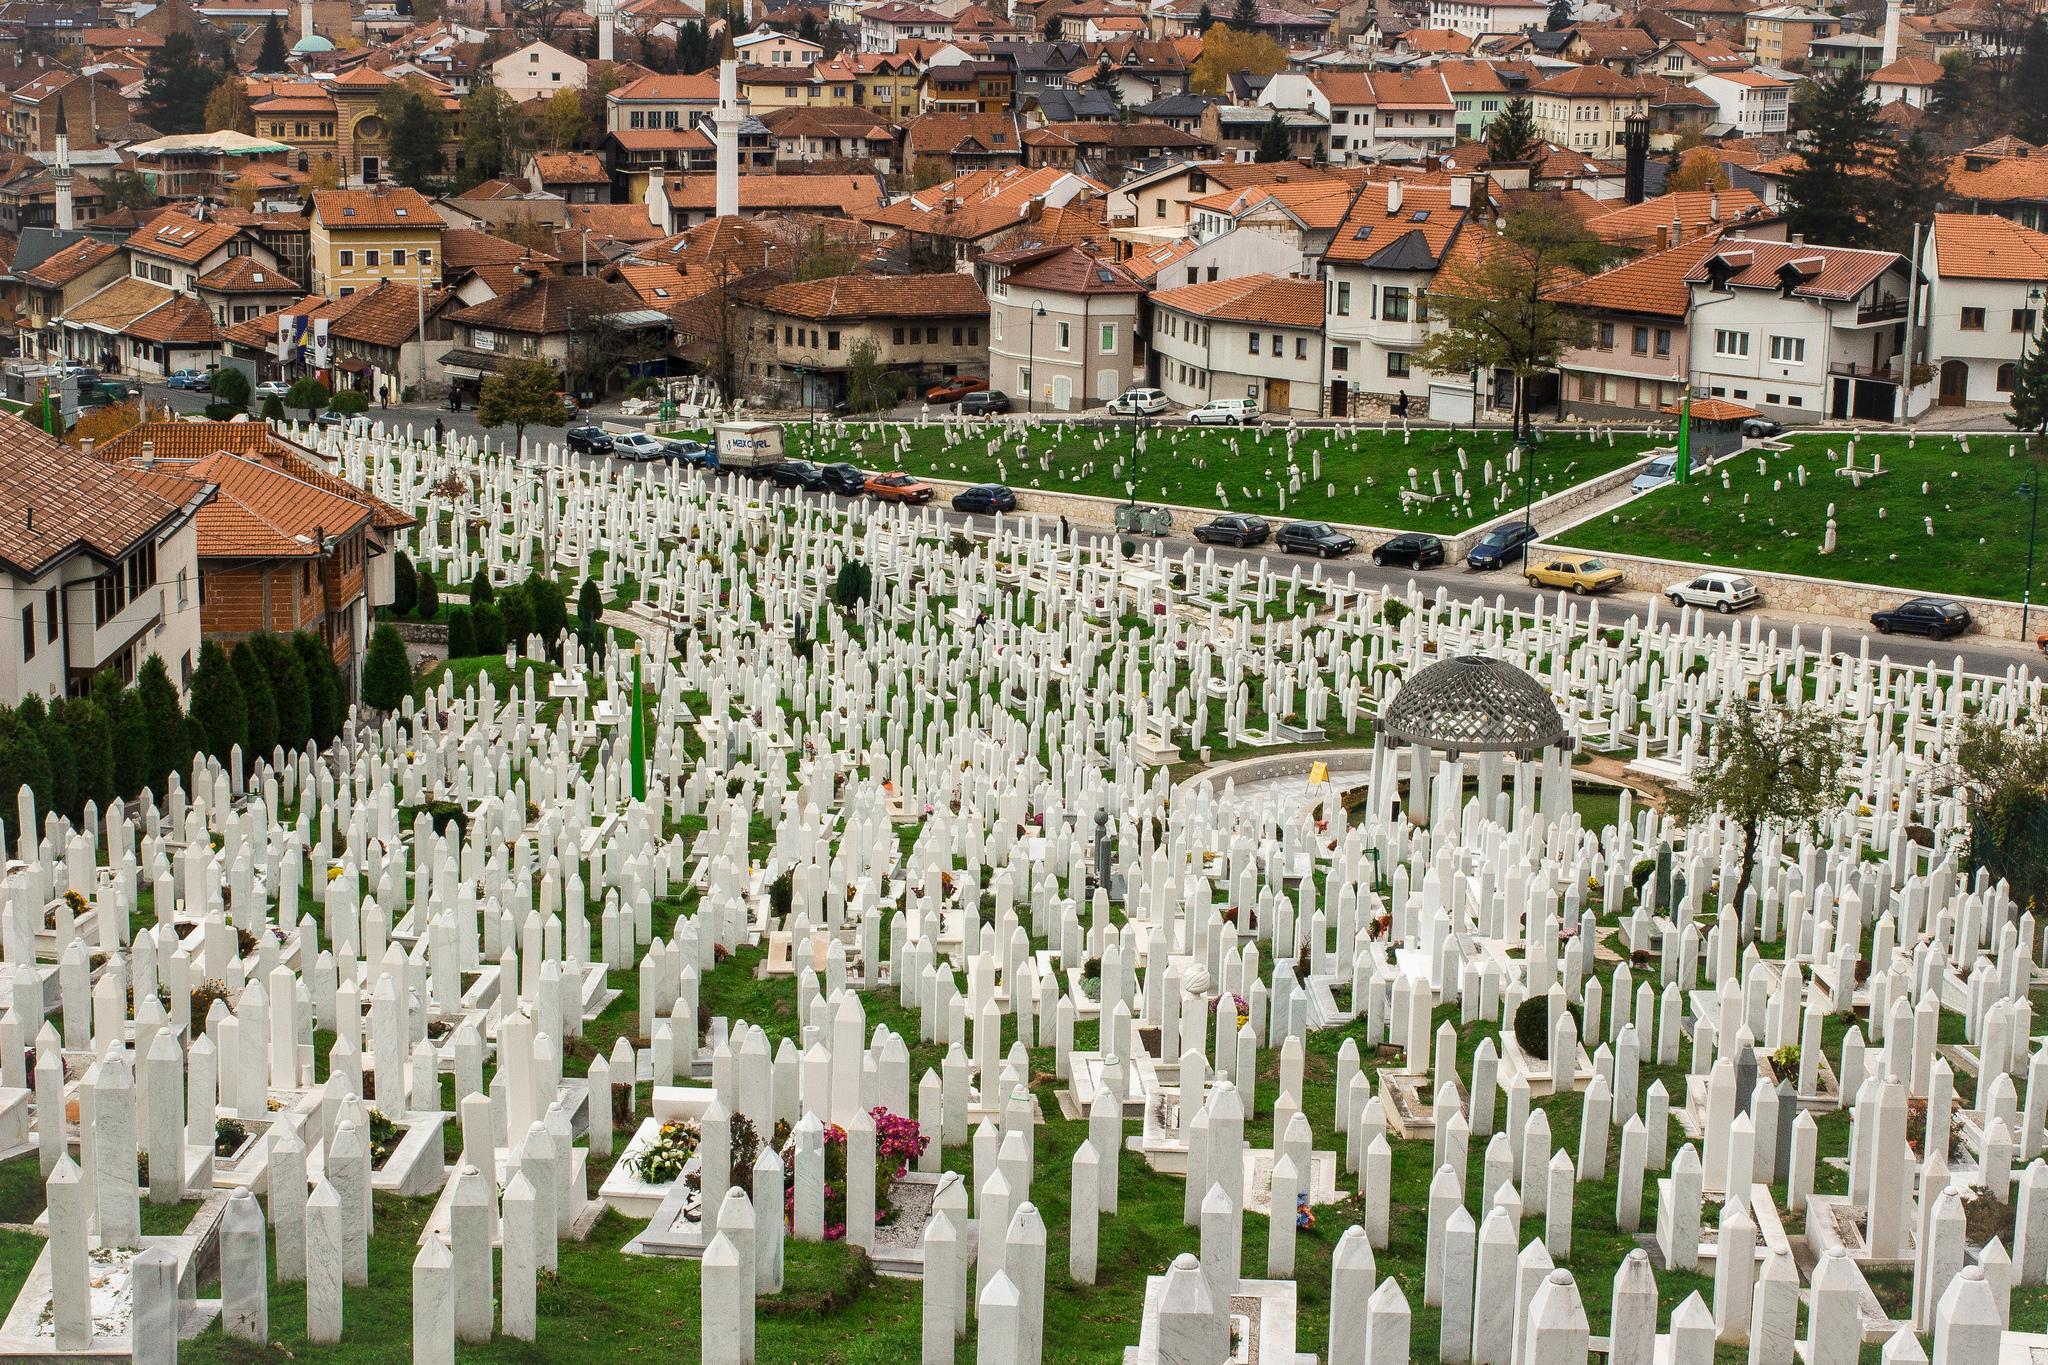 Мы привыкли, что кладбища, это нечто темное и грустное, поэтому не ходим по ним гулять просто так. А вот в Сараево к местам упокоения отношение другое, их никто не боится